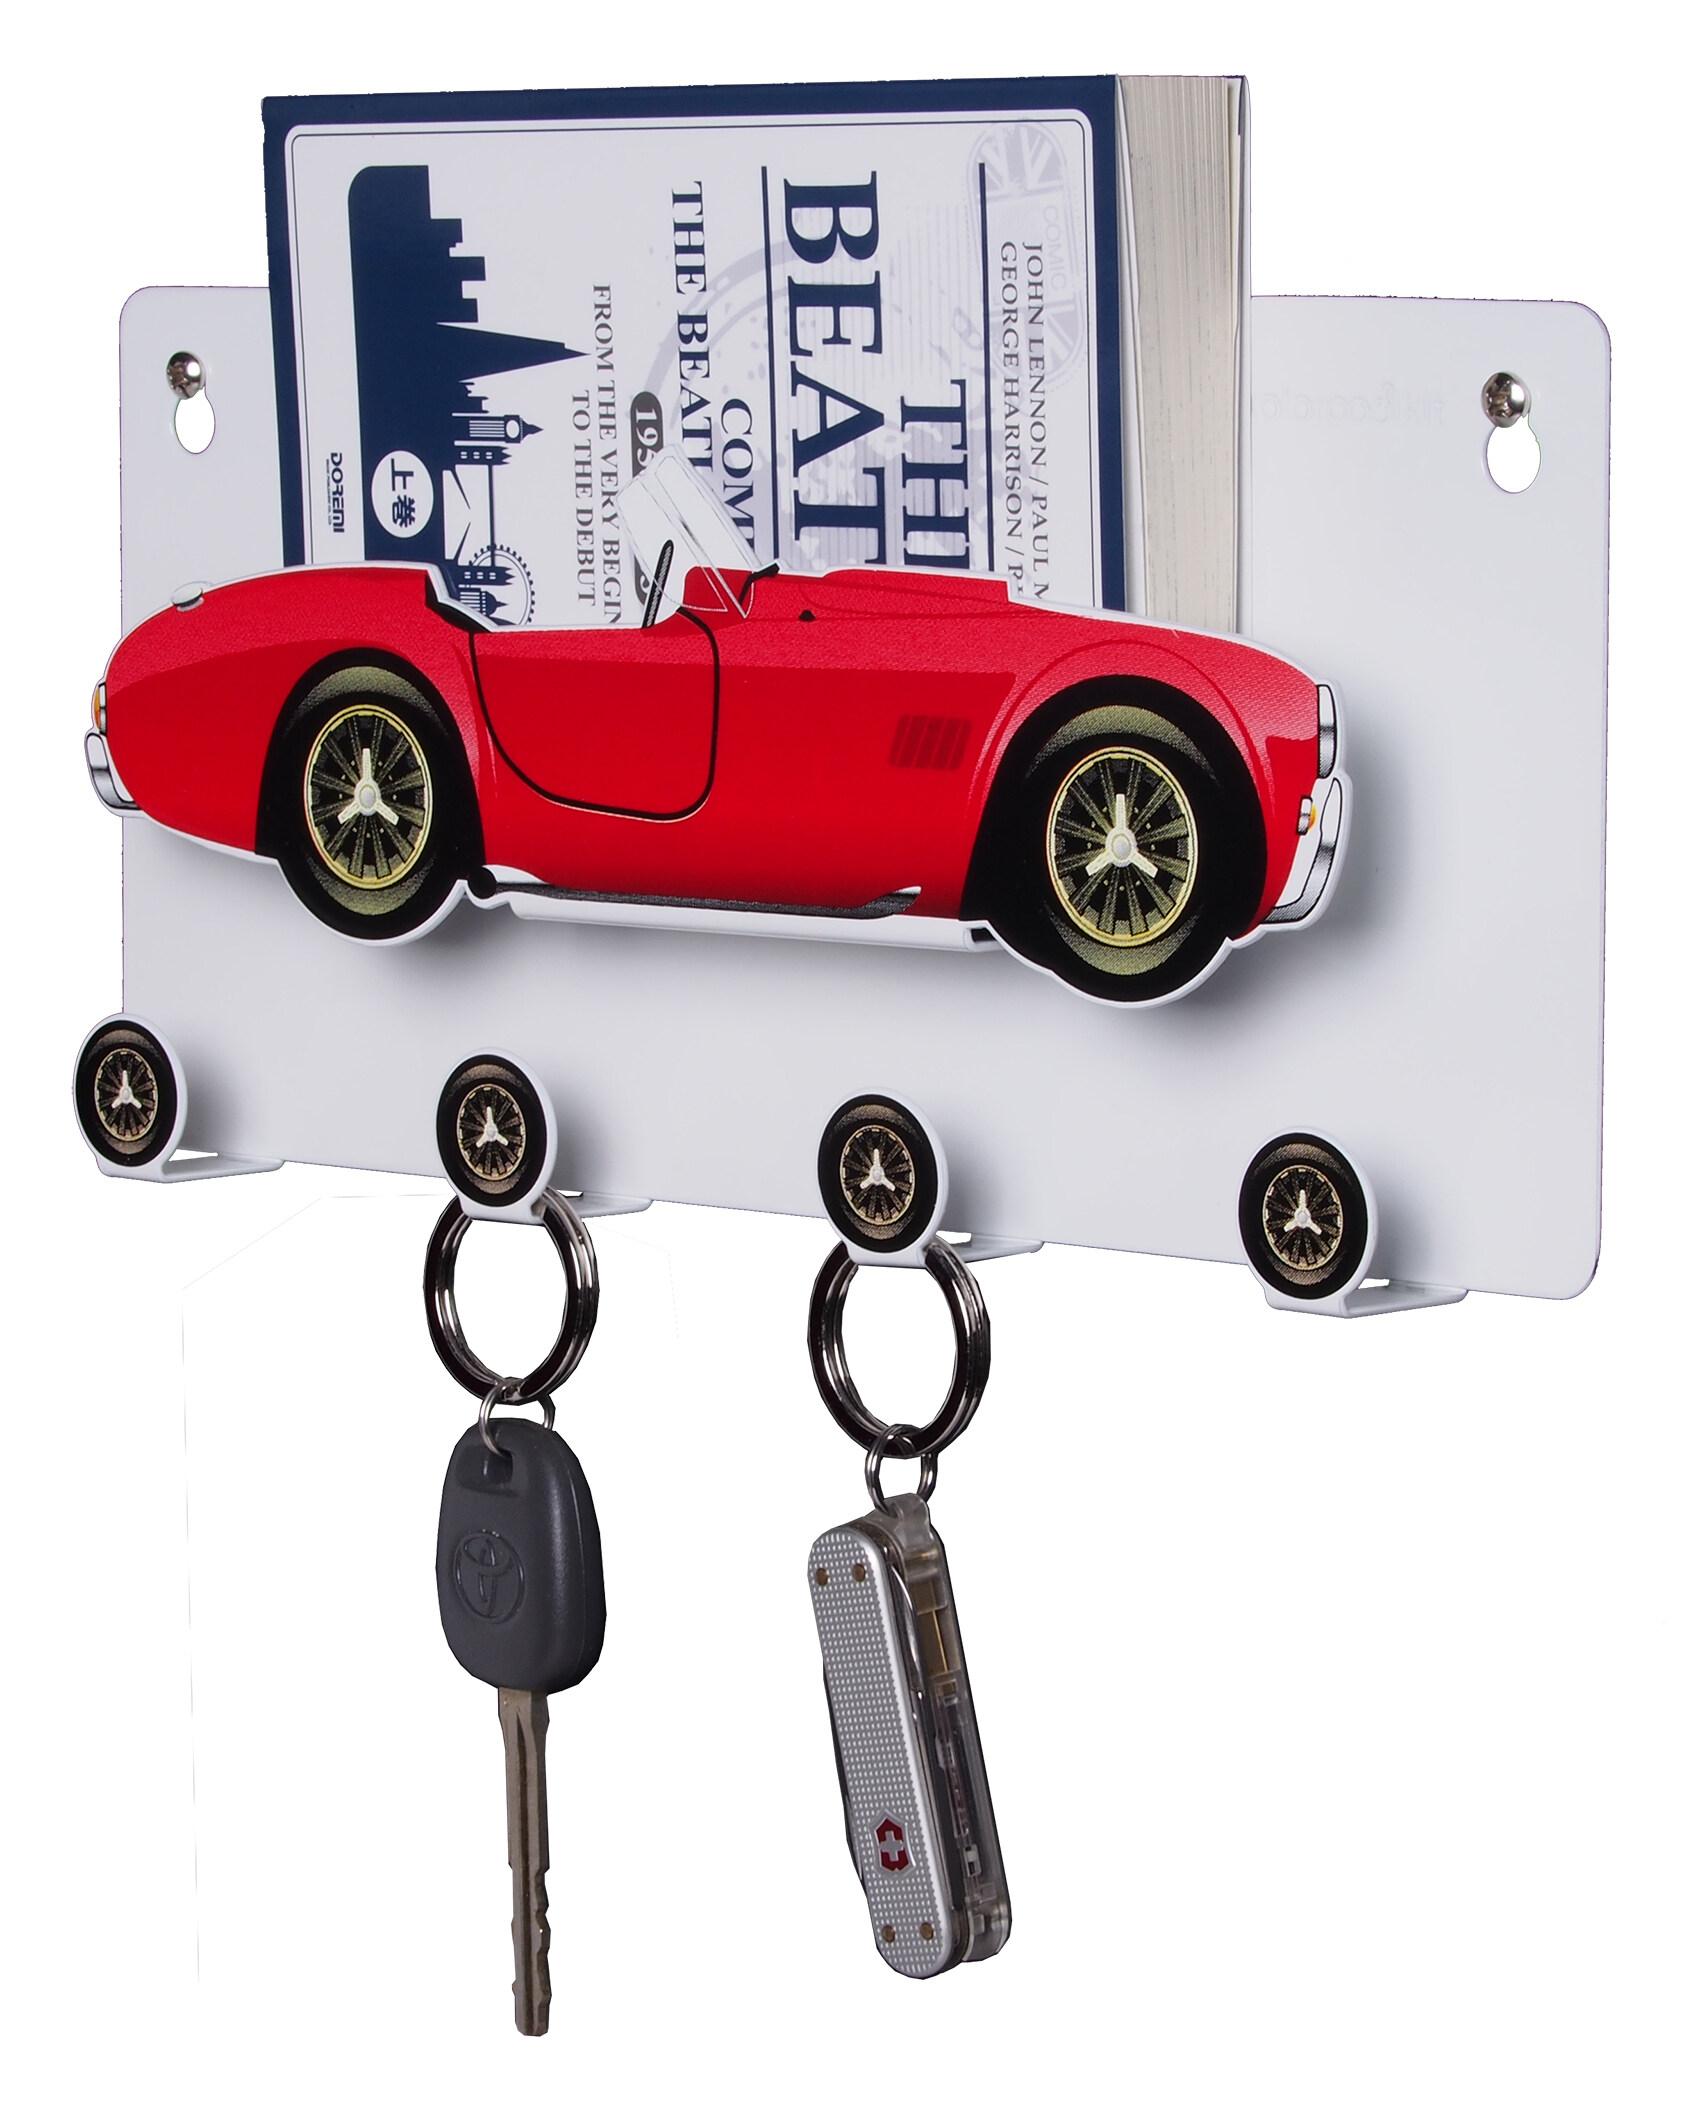 ที่แขวนกุญแจรถ ที่แขวนของ ตะขอแขวนของ ที่ห้อยของ